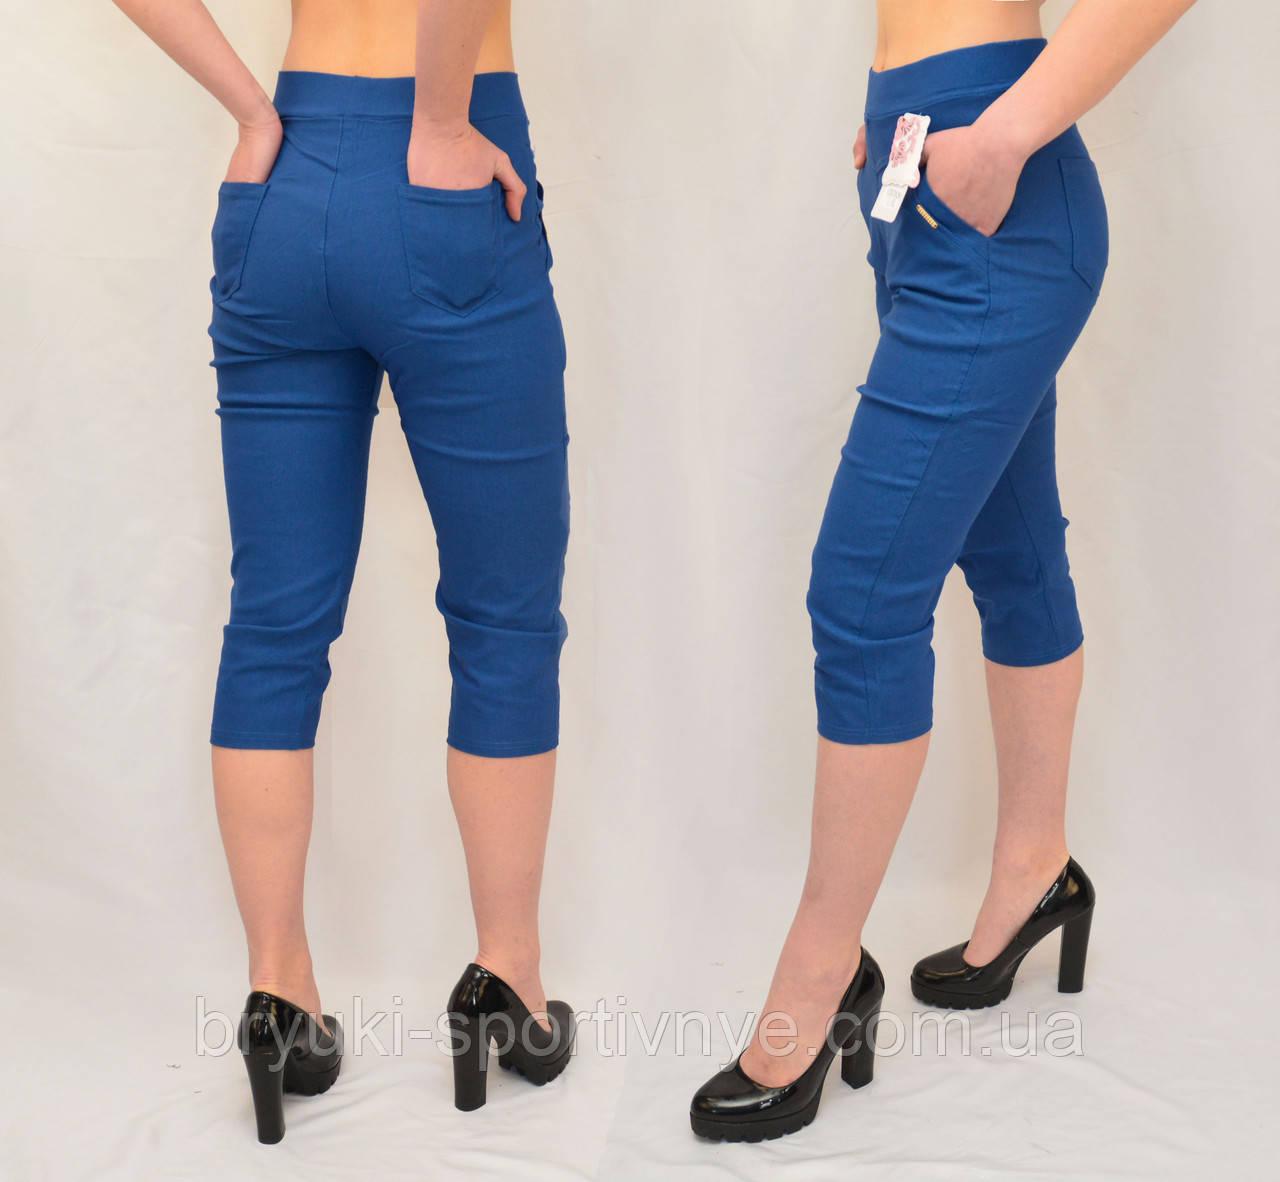 Бриджі жіночі яскраві бавовняні Капрі стрейчеві в джинсовому кольорі (Польща) L/XL